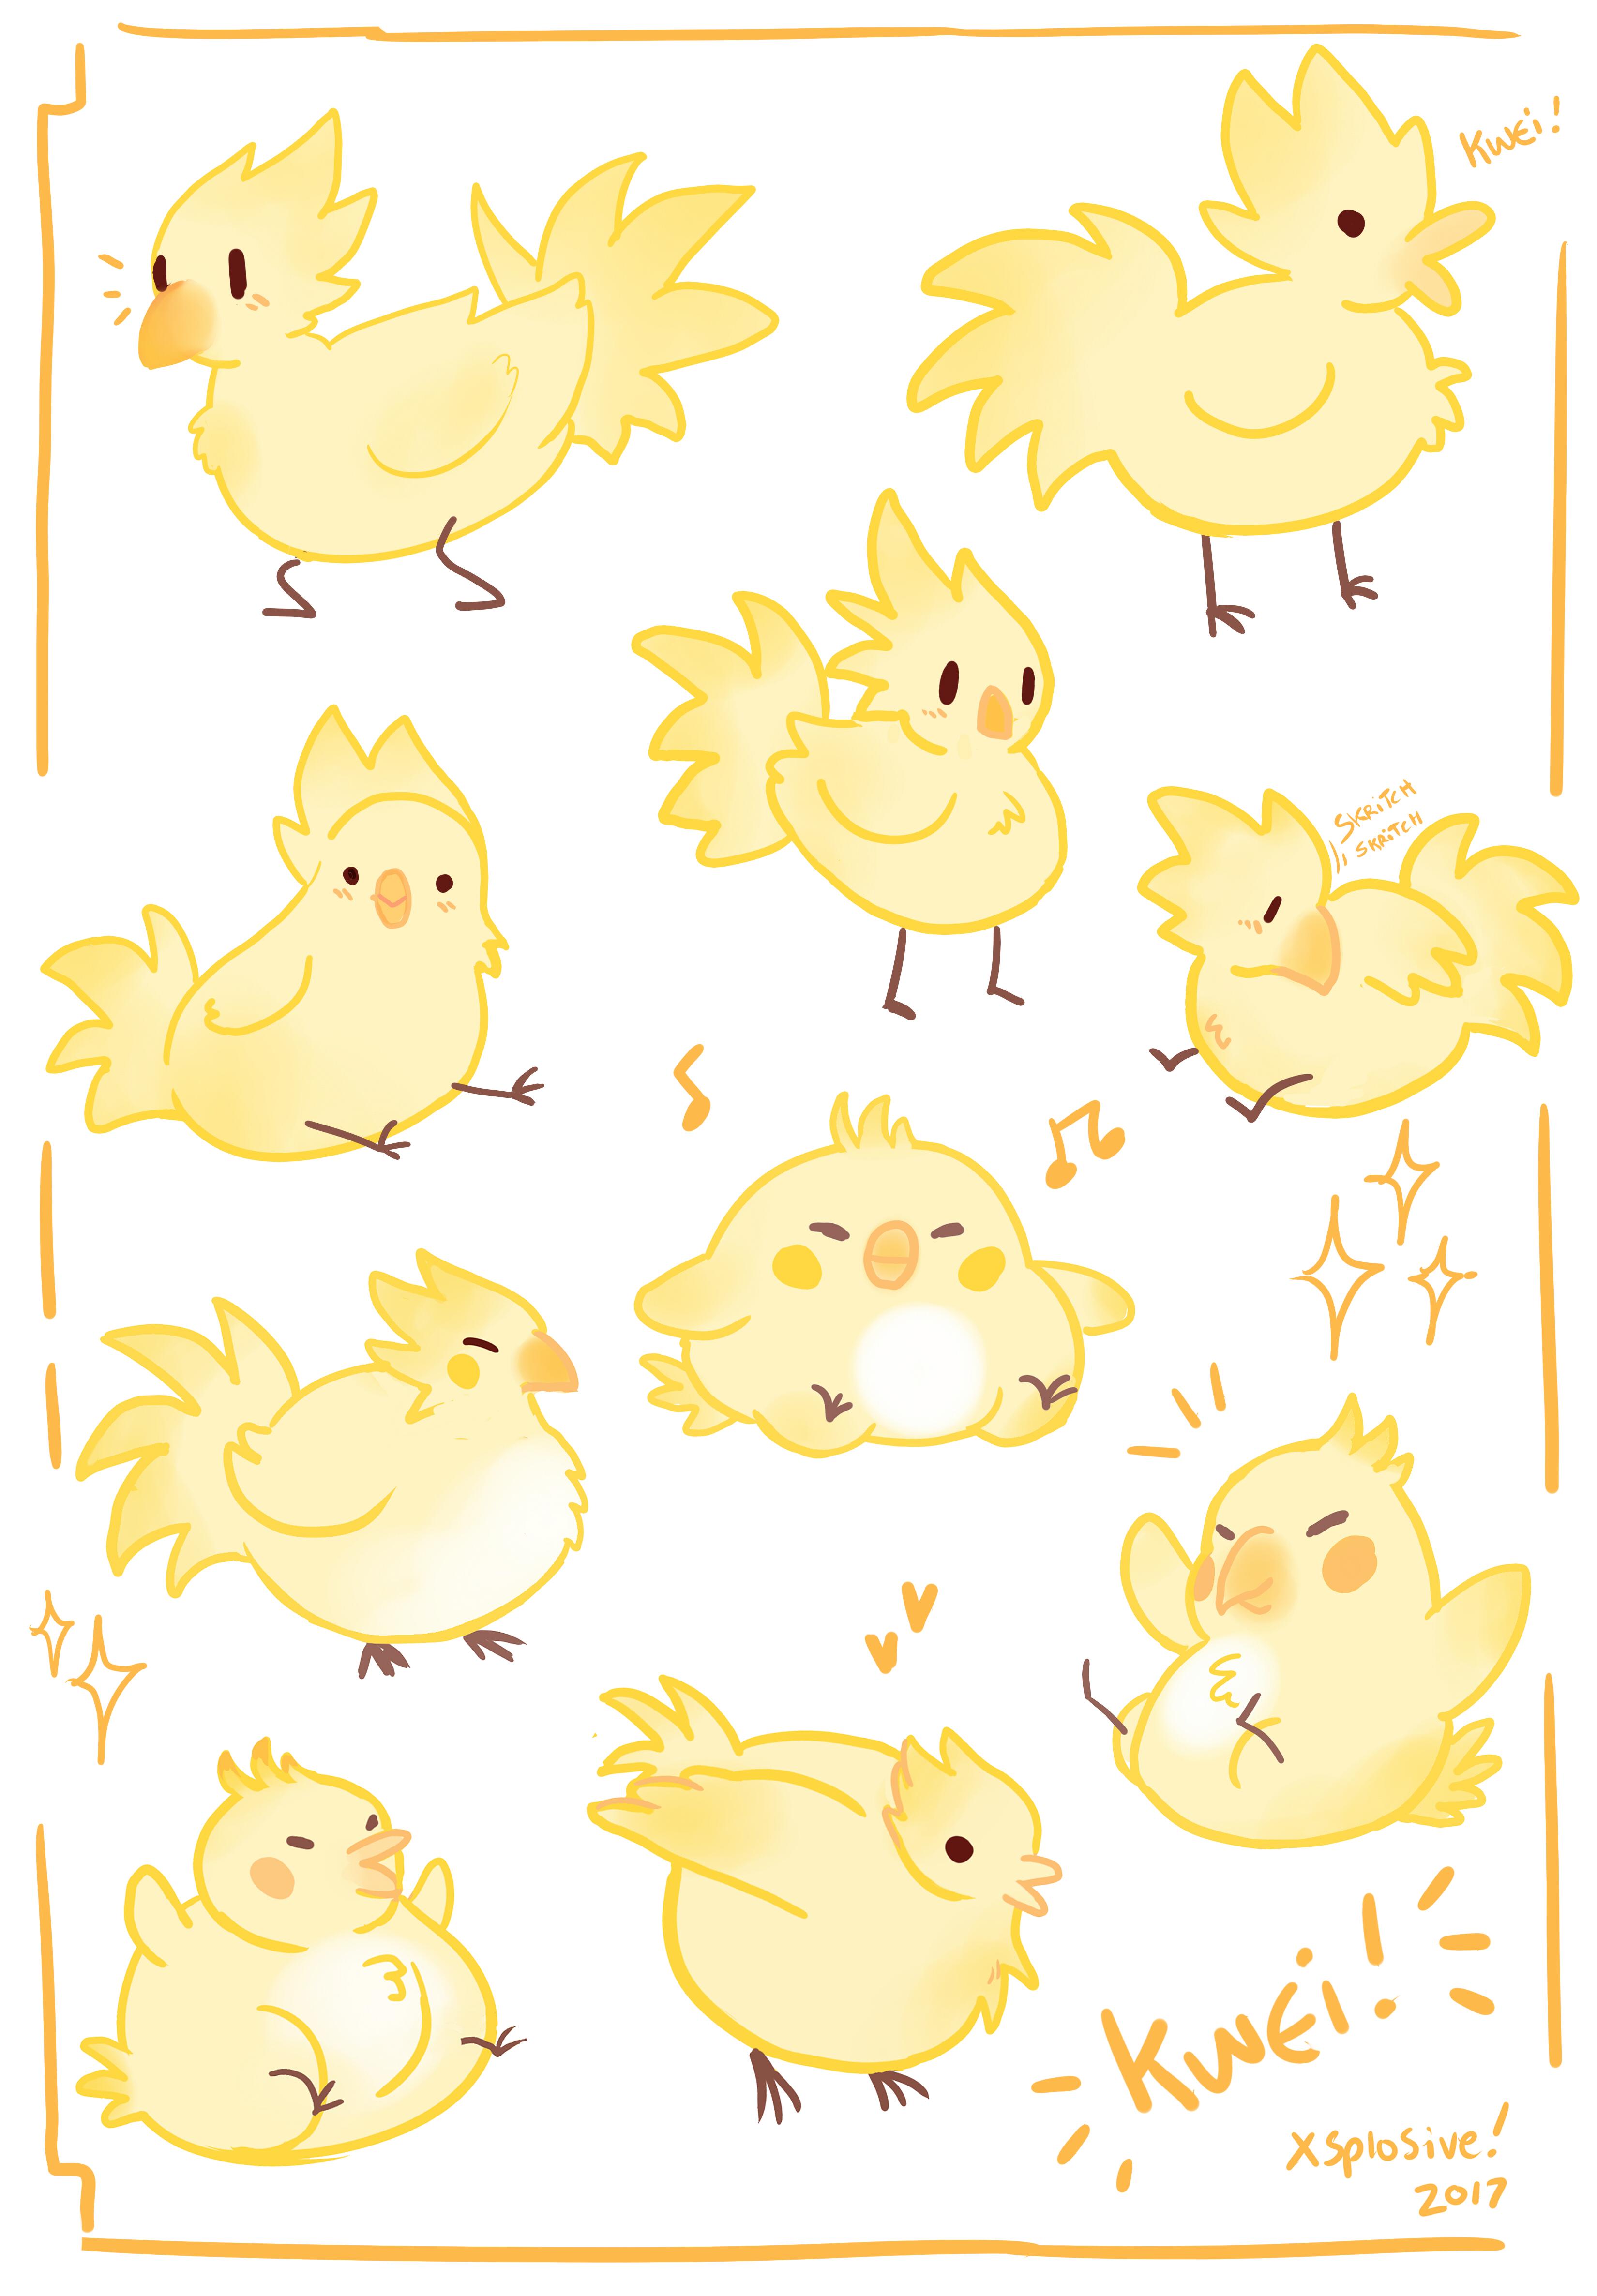 Kwei! Chocobo Sticker Set